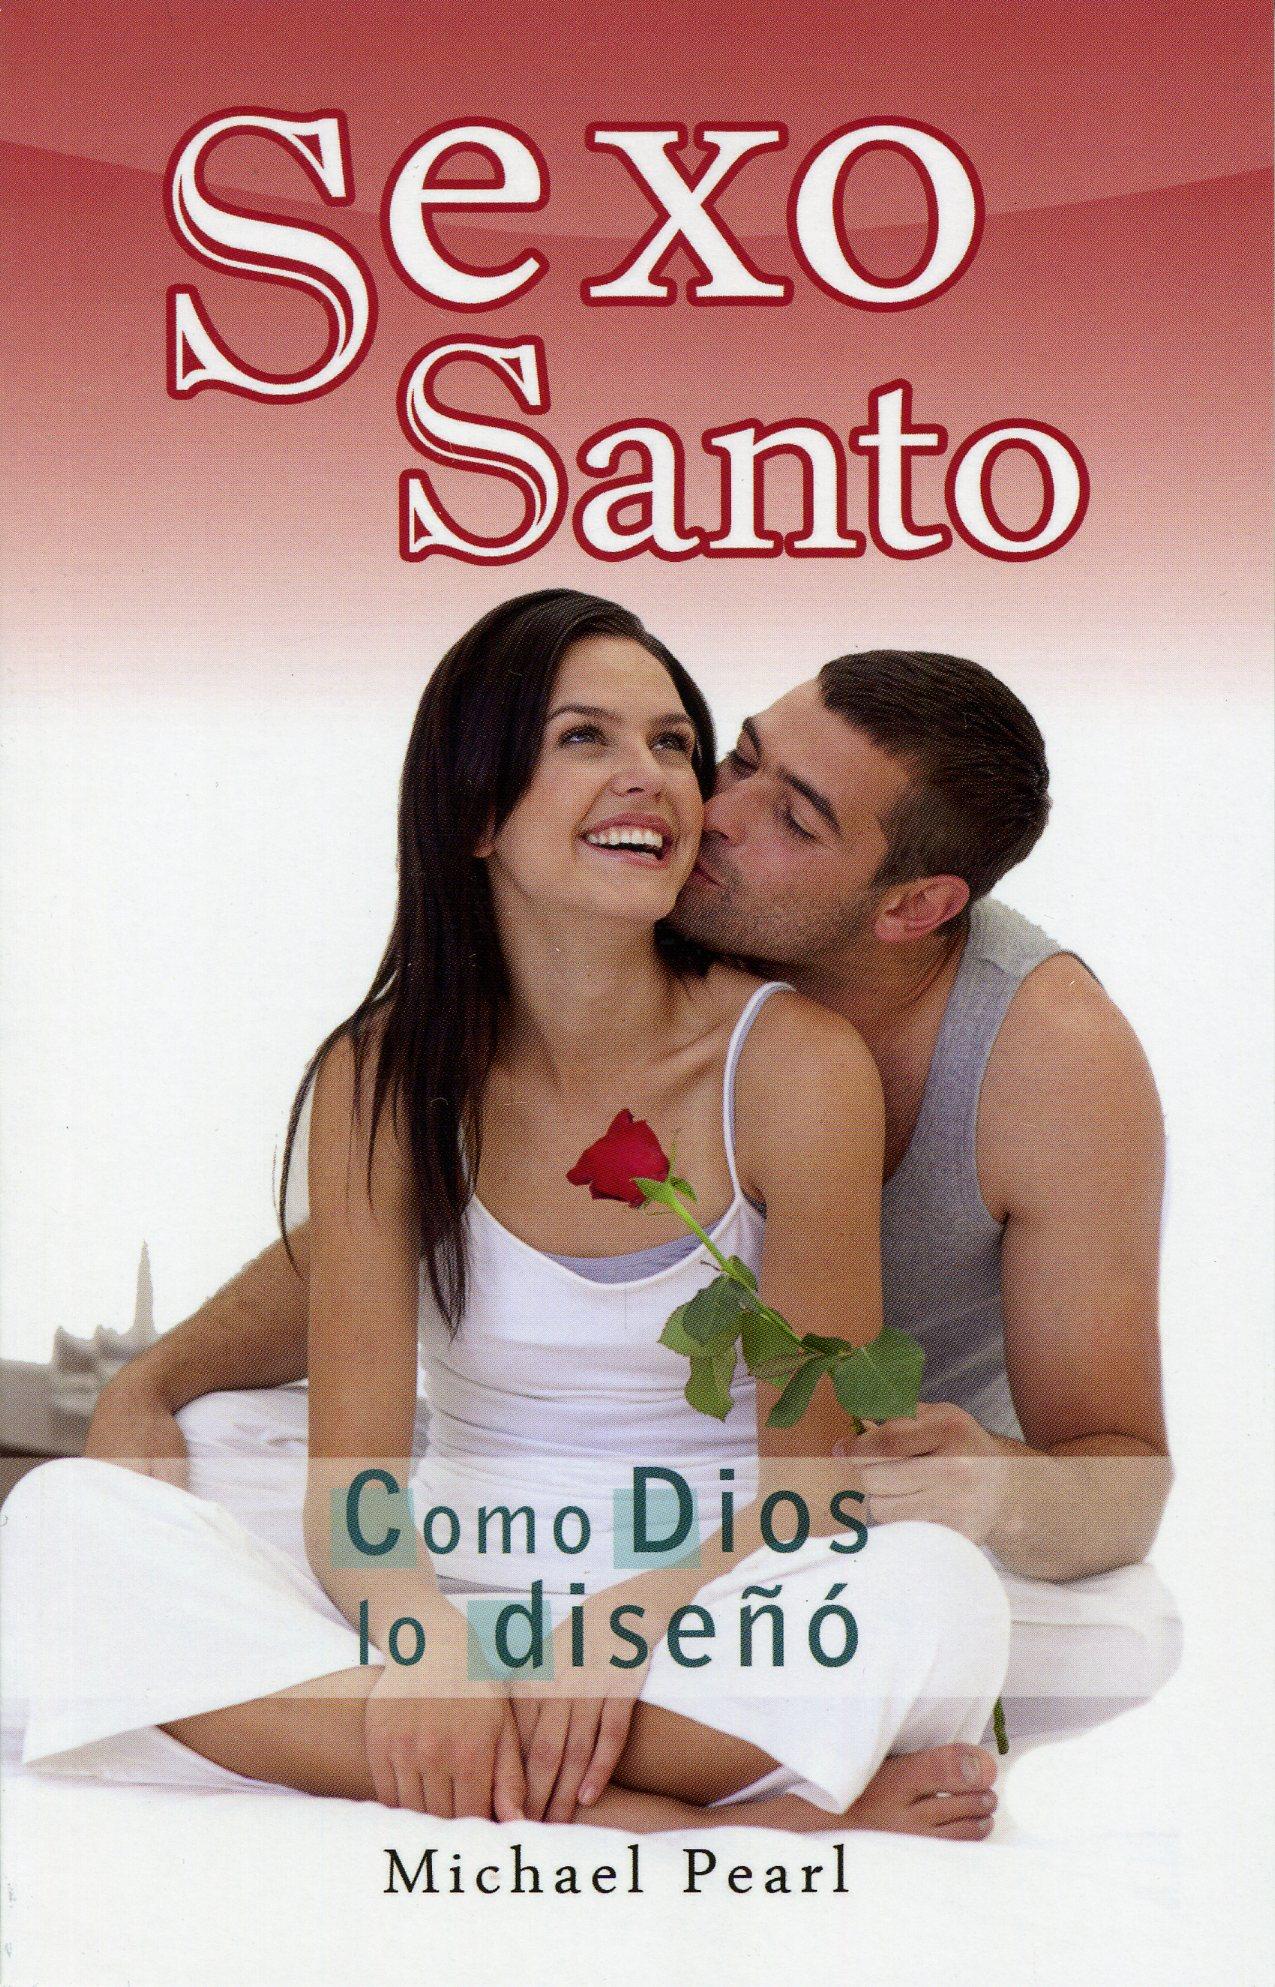 Sexo santo